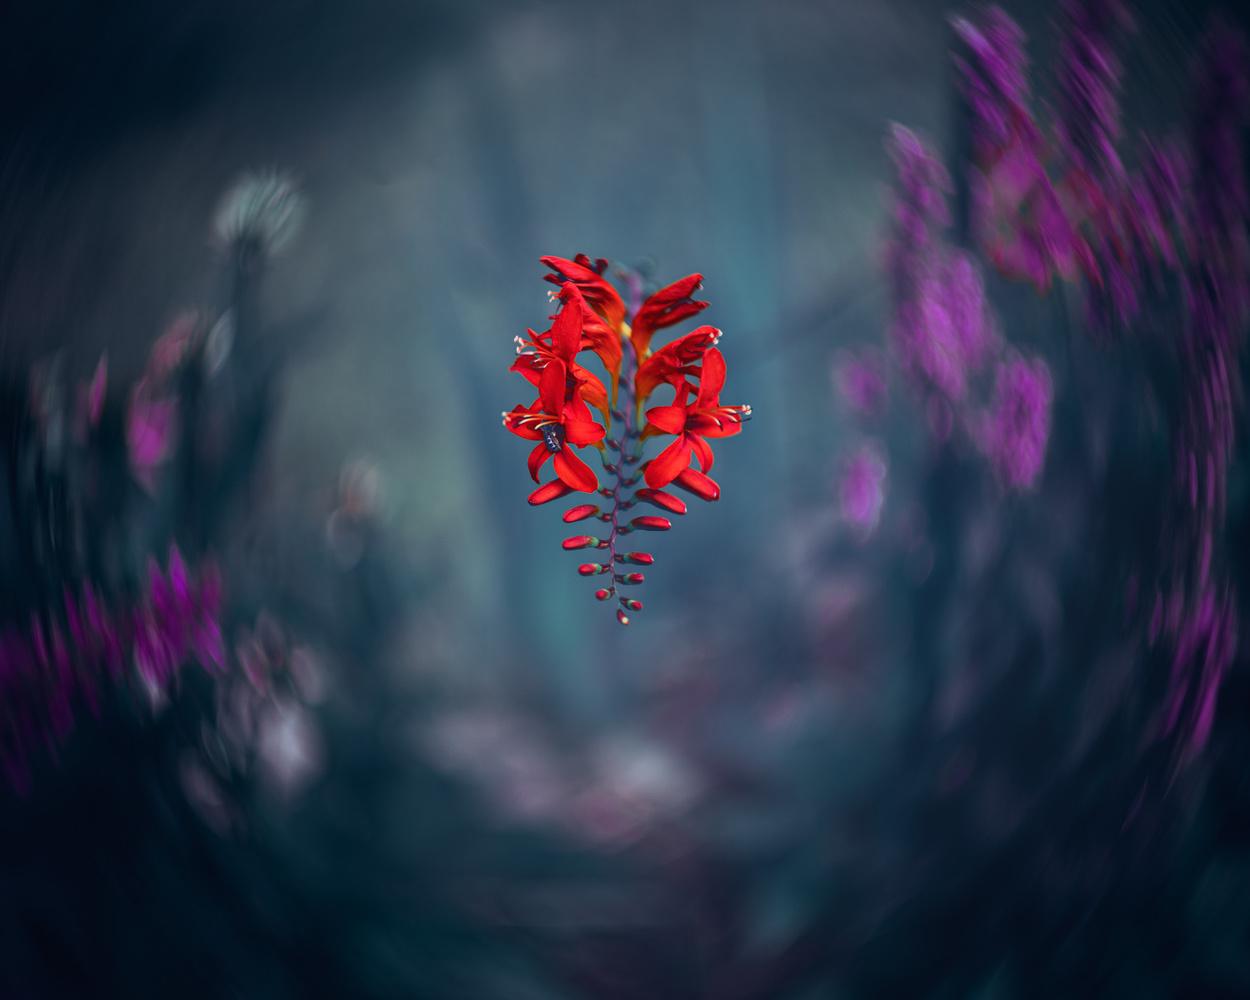 Flowers by Skyler Ewing